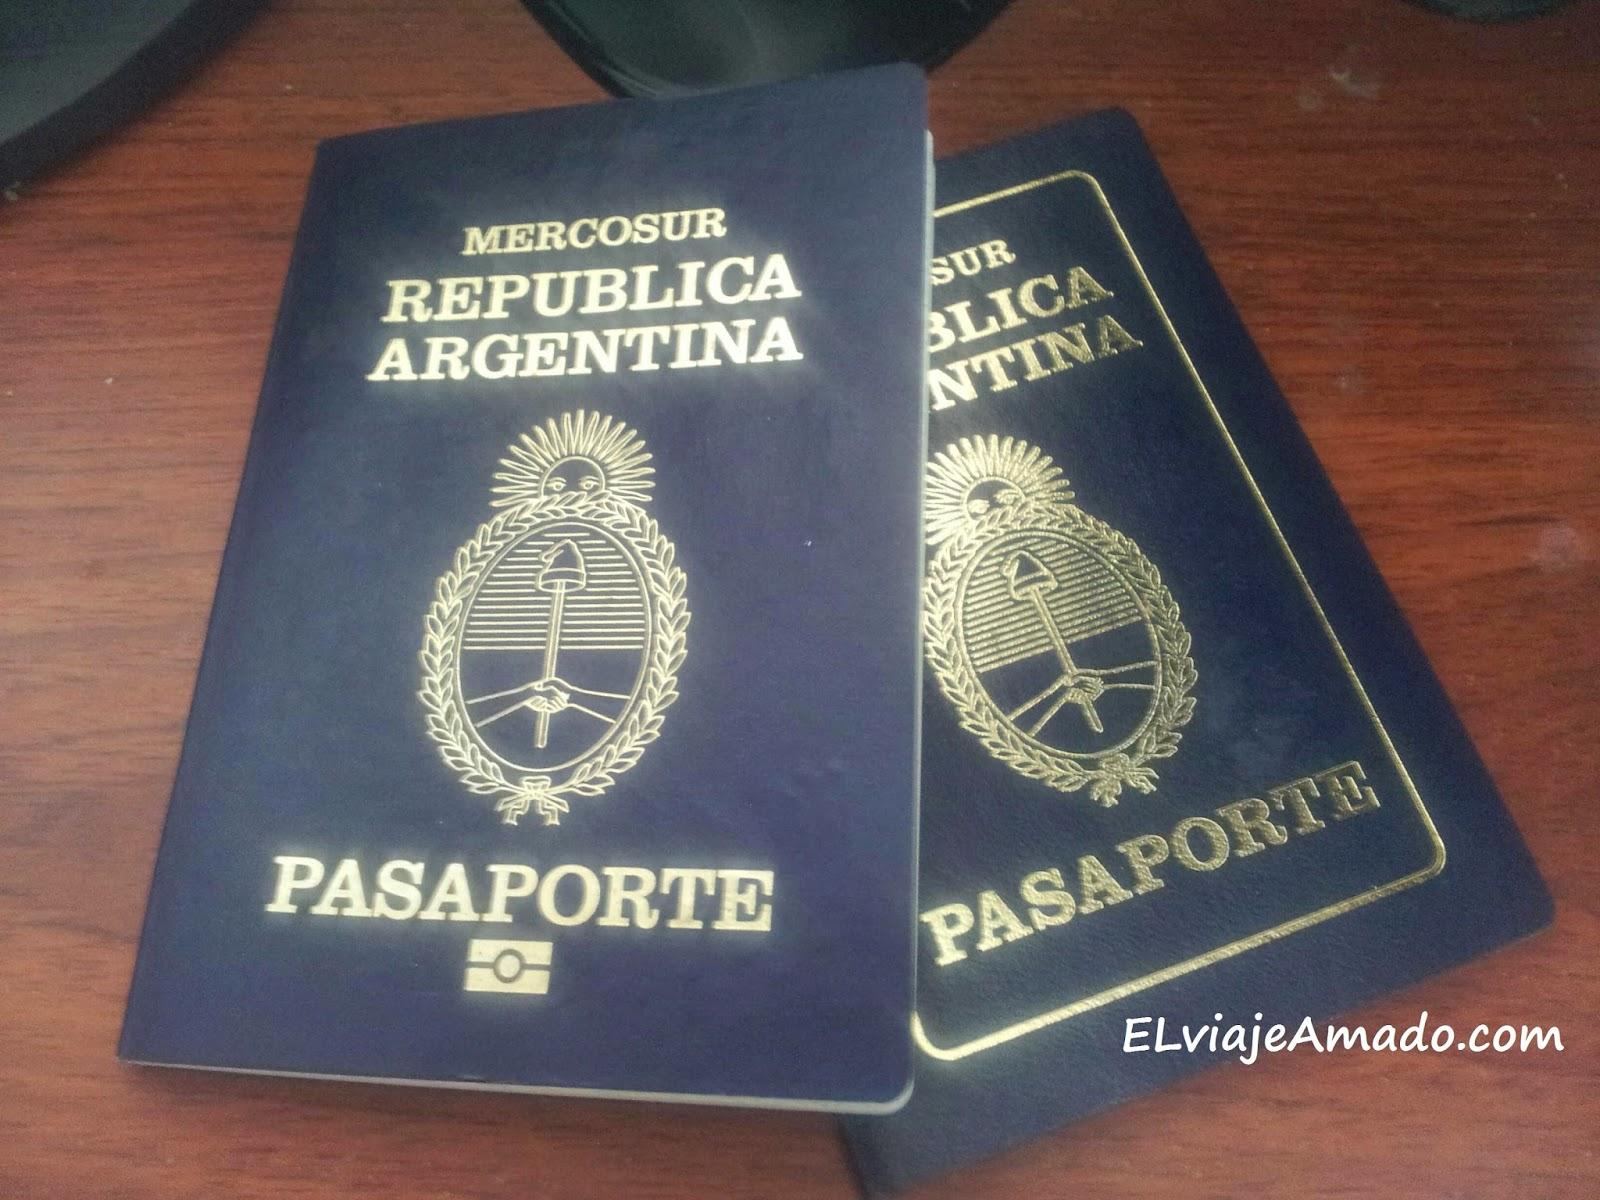 Sacando el nuevo pasaporte argentino el viaje amado for Pasaporte ministerio interior